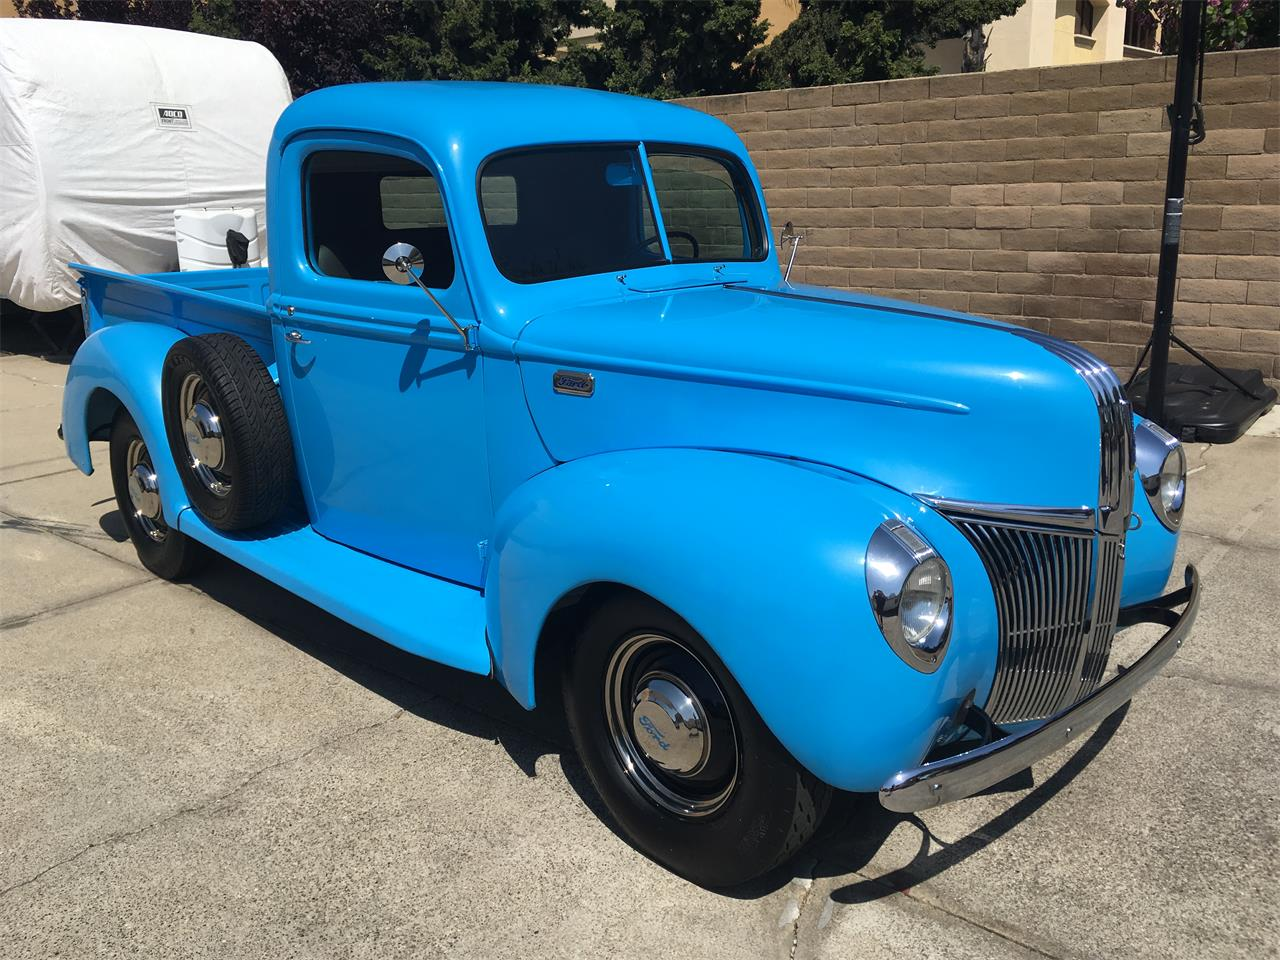 For Sale: 1941 Ford Pickup in Santa Maria, California